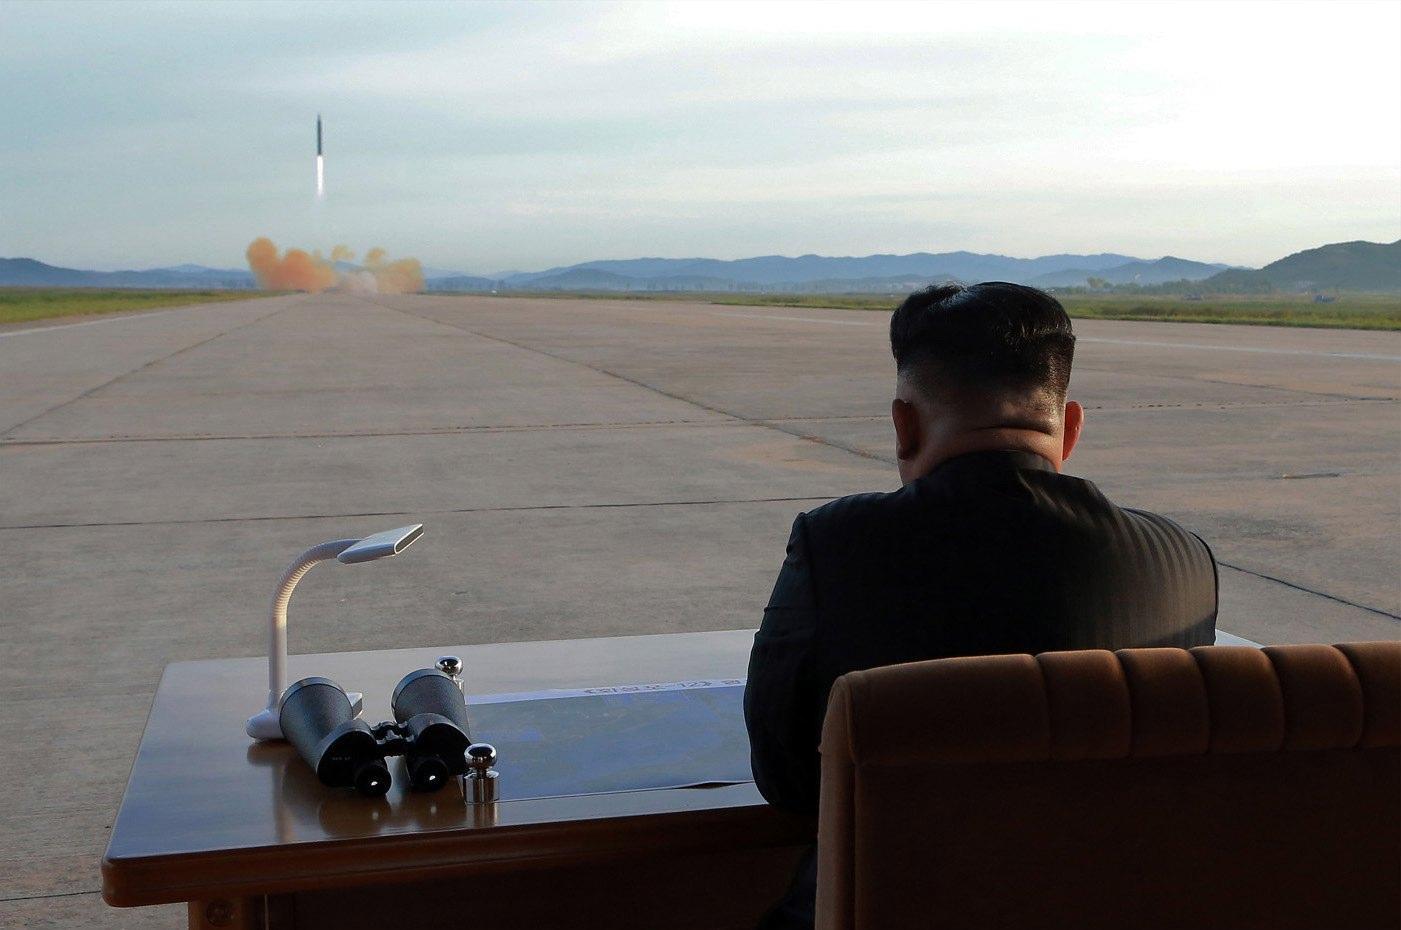 Corea del Nord, Kim Jong Un attende il lancio del missile Hwasong 12